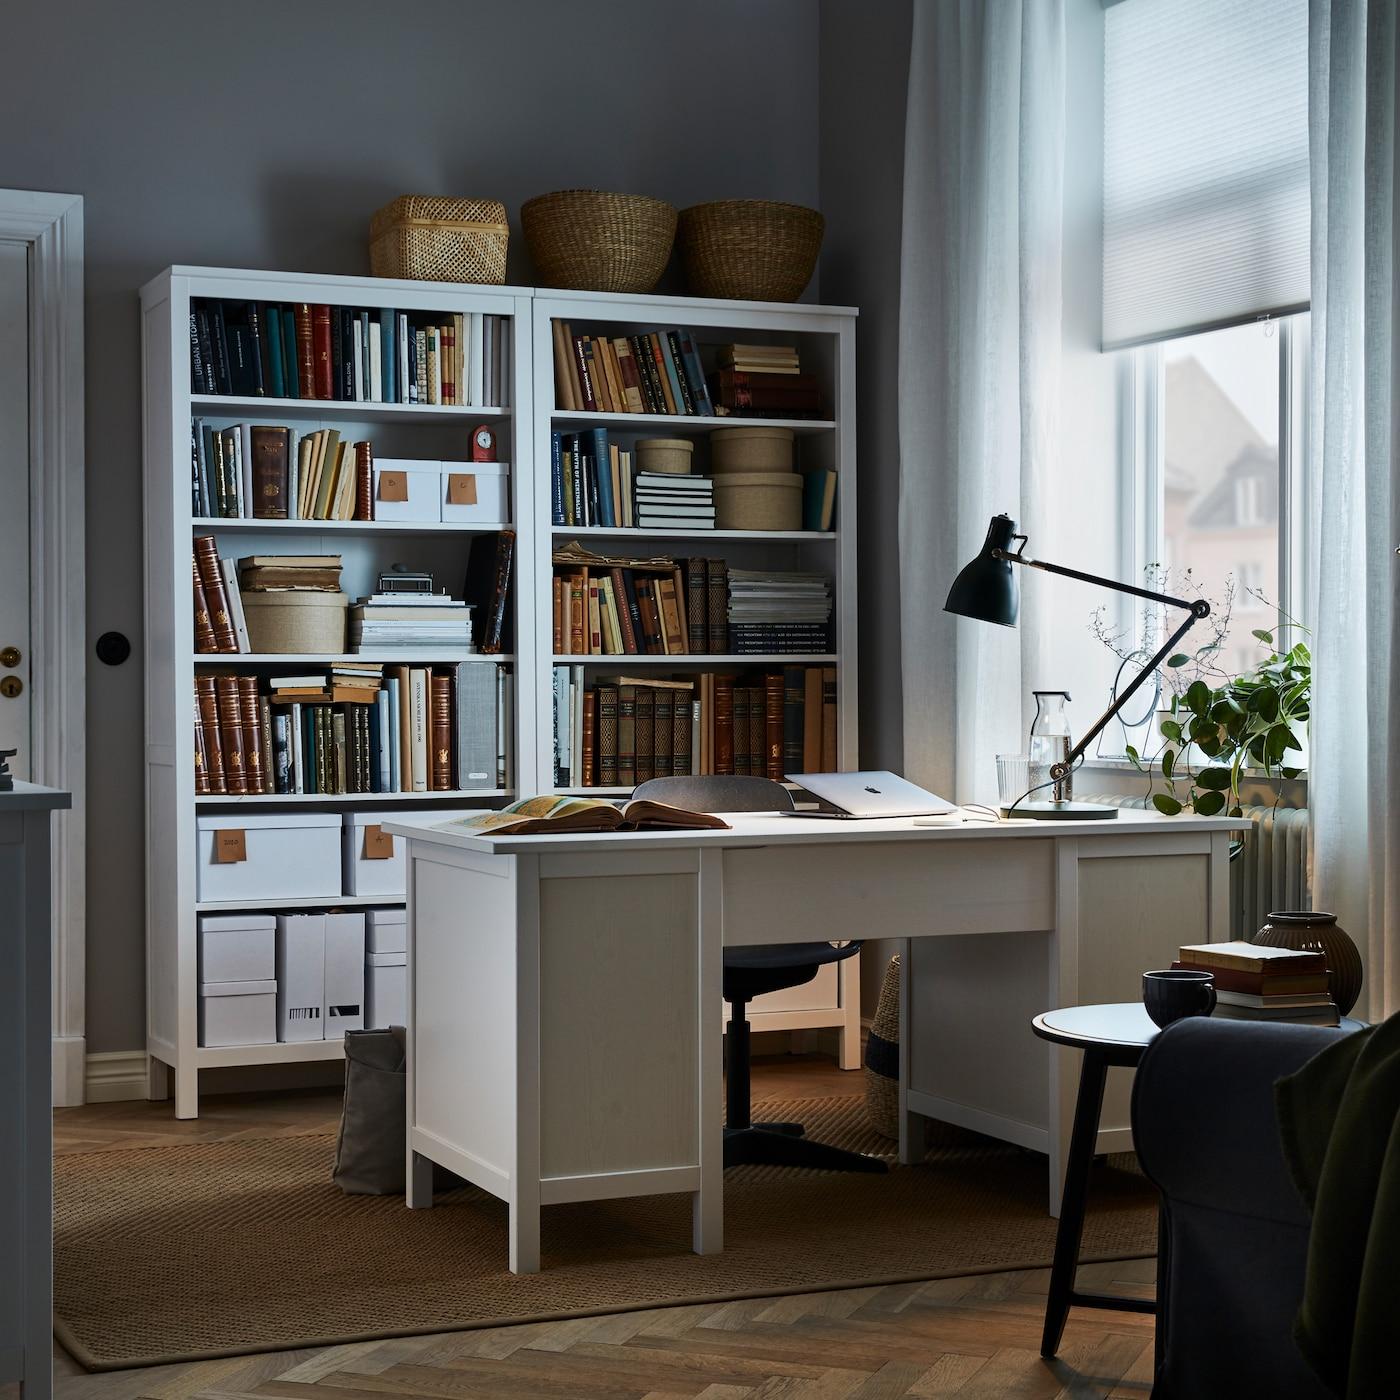 Rum med vitt skrivbord som står centralt i rummet, matchande höga bokhyllor bakom skrivbordsstolen och grön arbetslampa på skrivbordet.